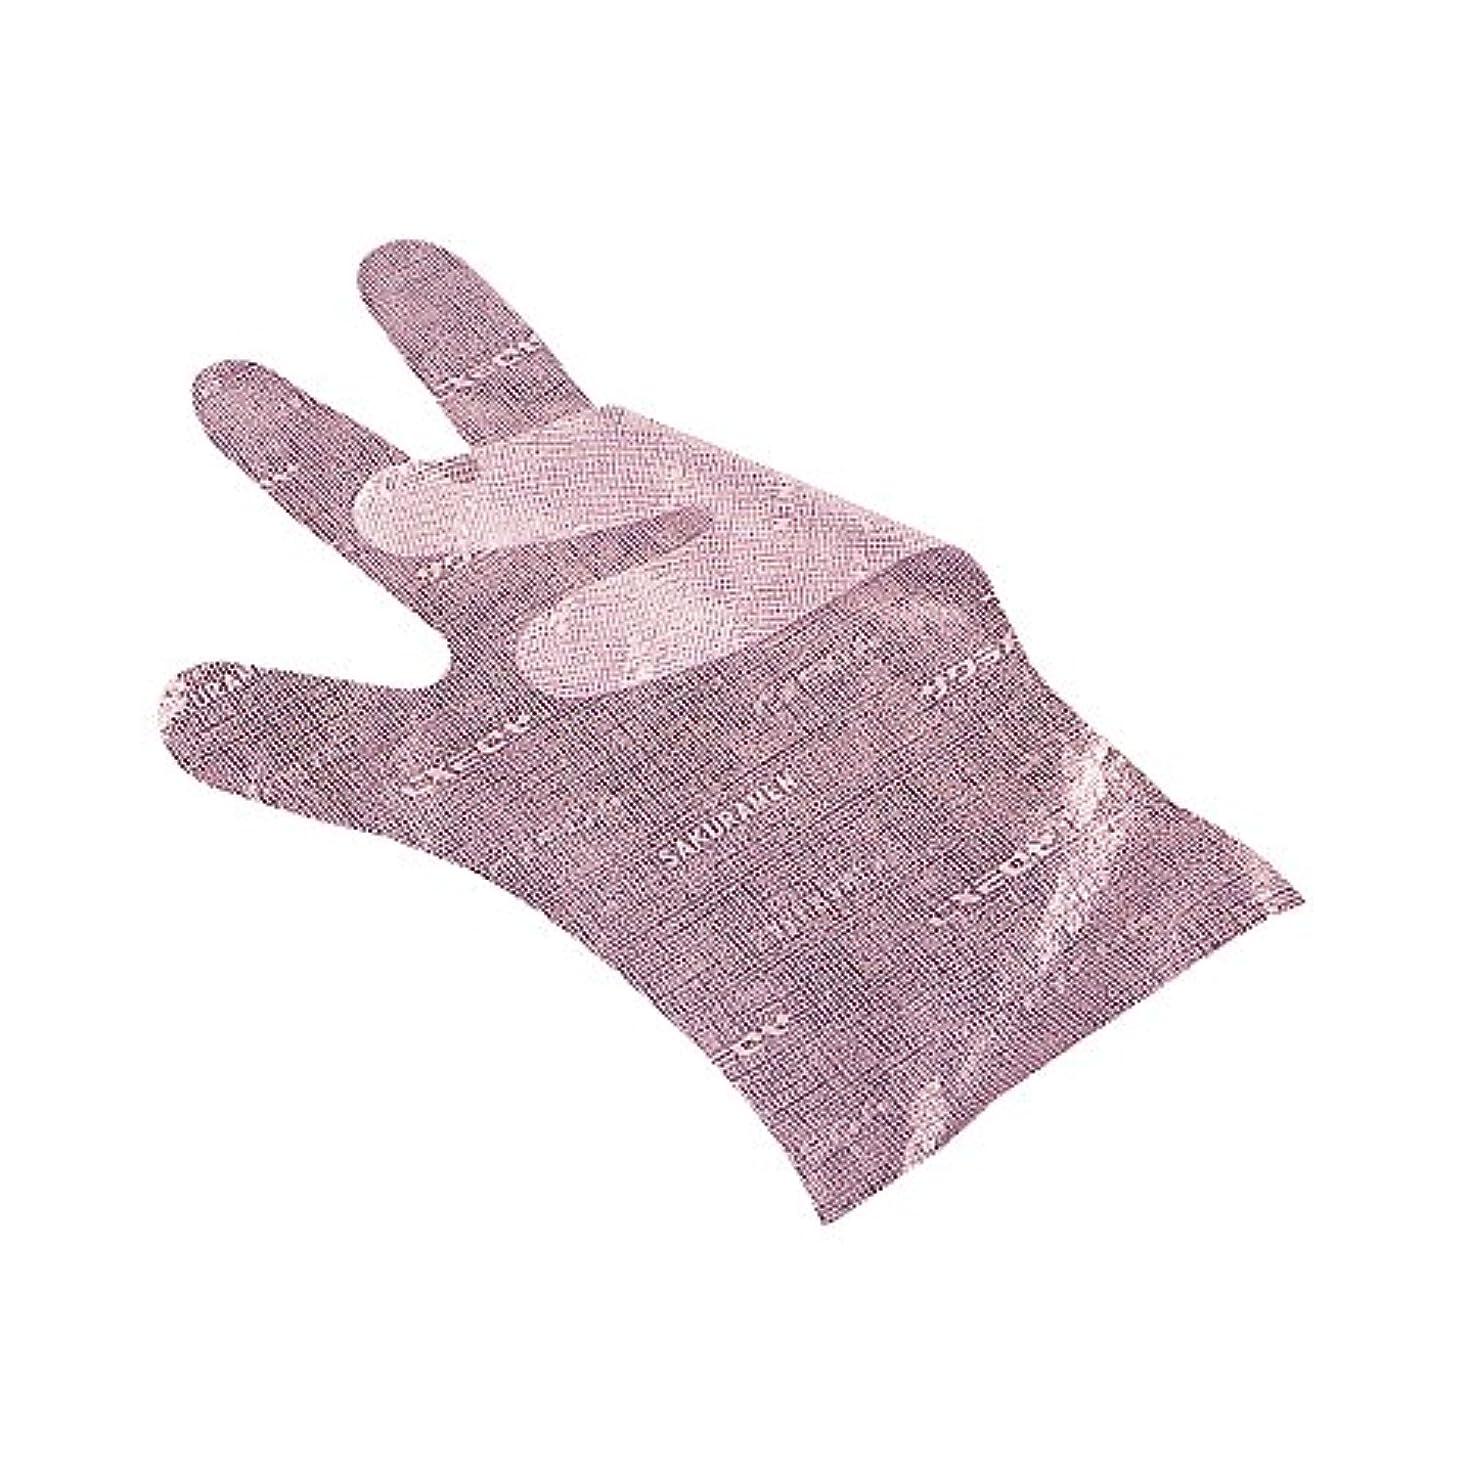 ガイド困難スポーツをするサクラメンエンボス手袋 デラックス ピンク S 100枚入